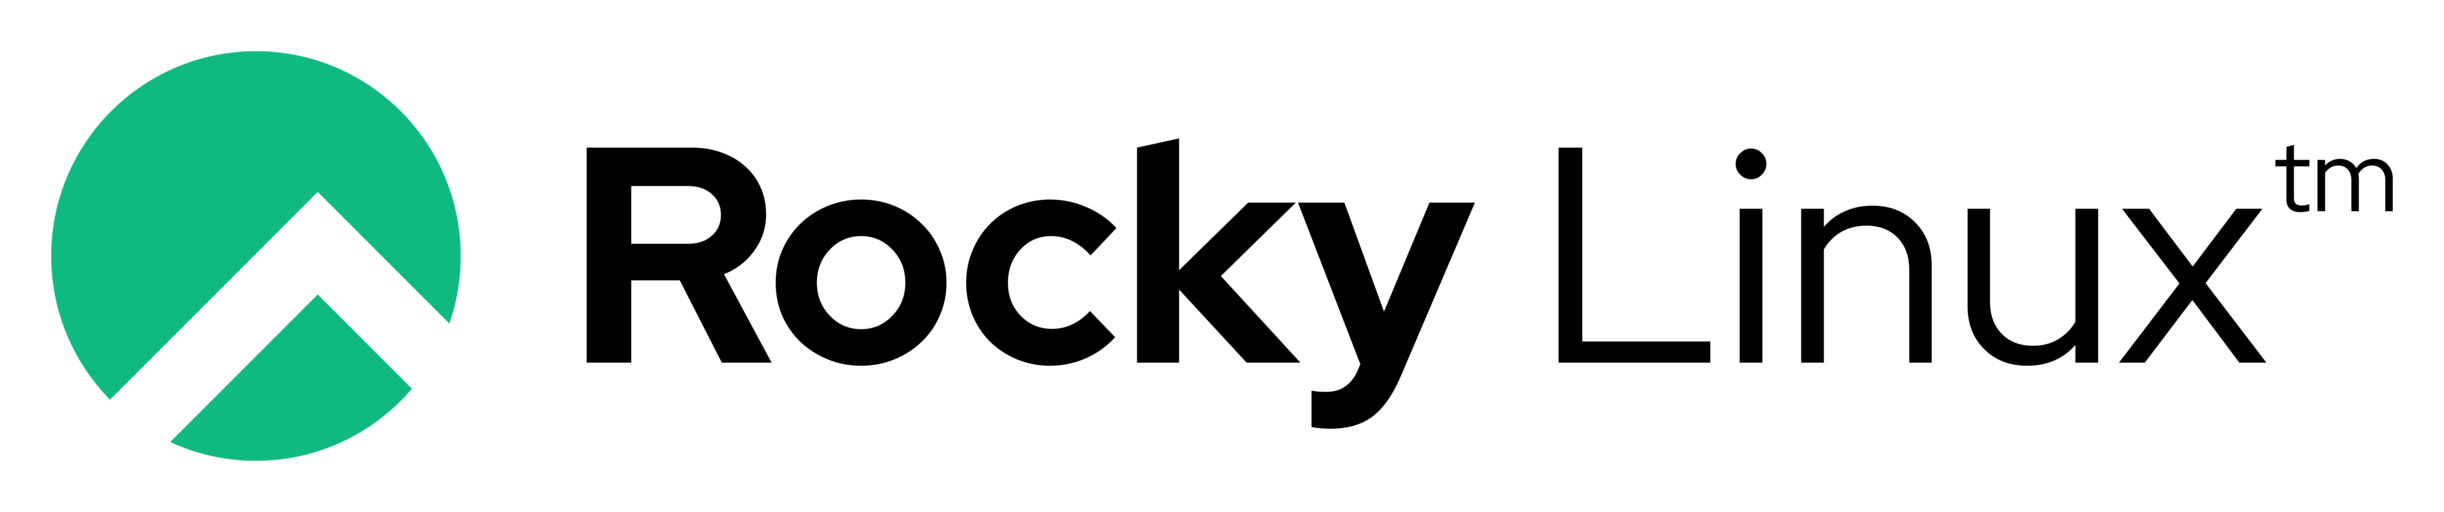 Rocky Linux Logo